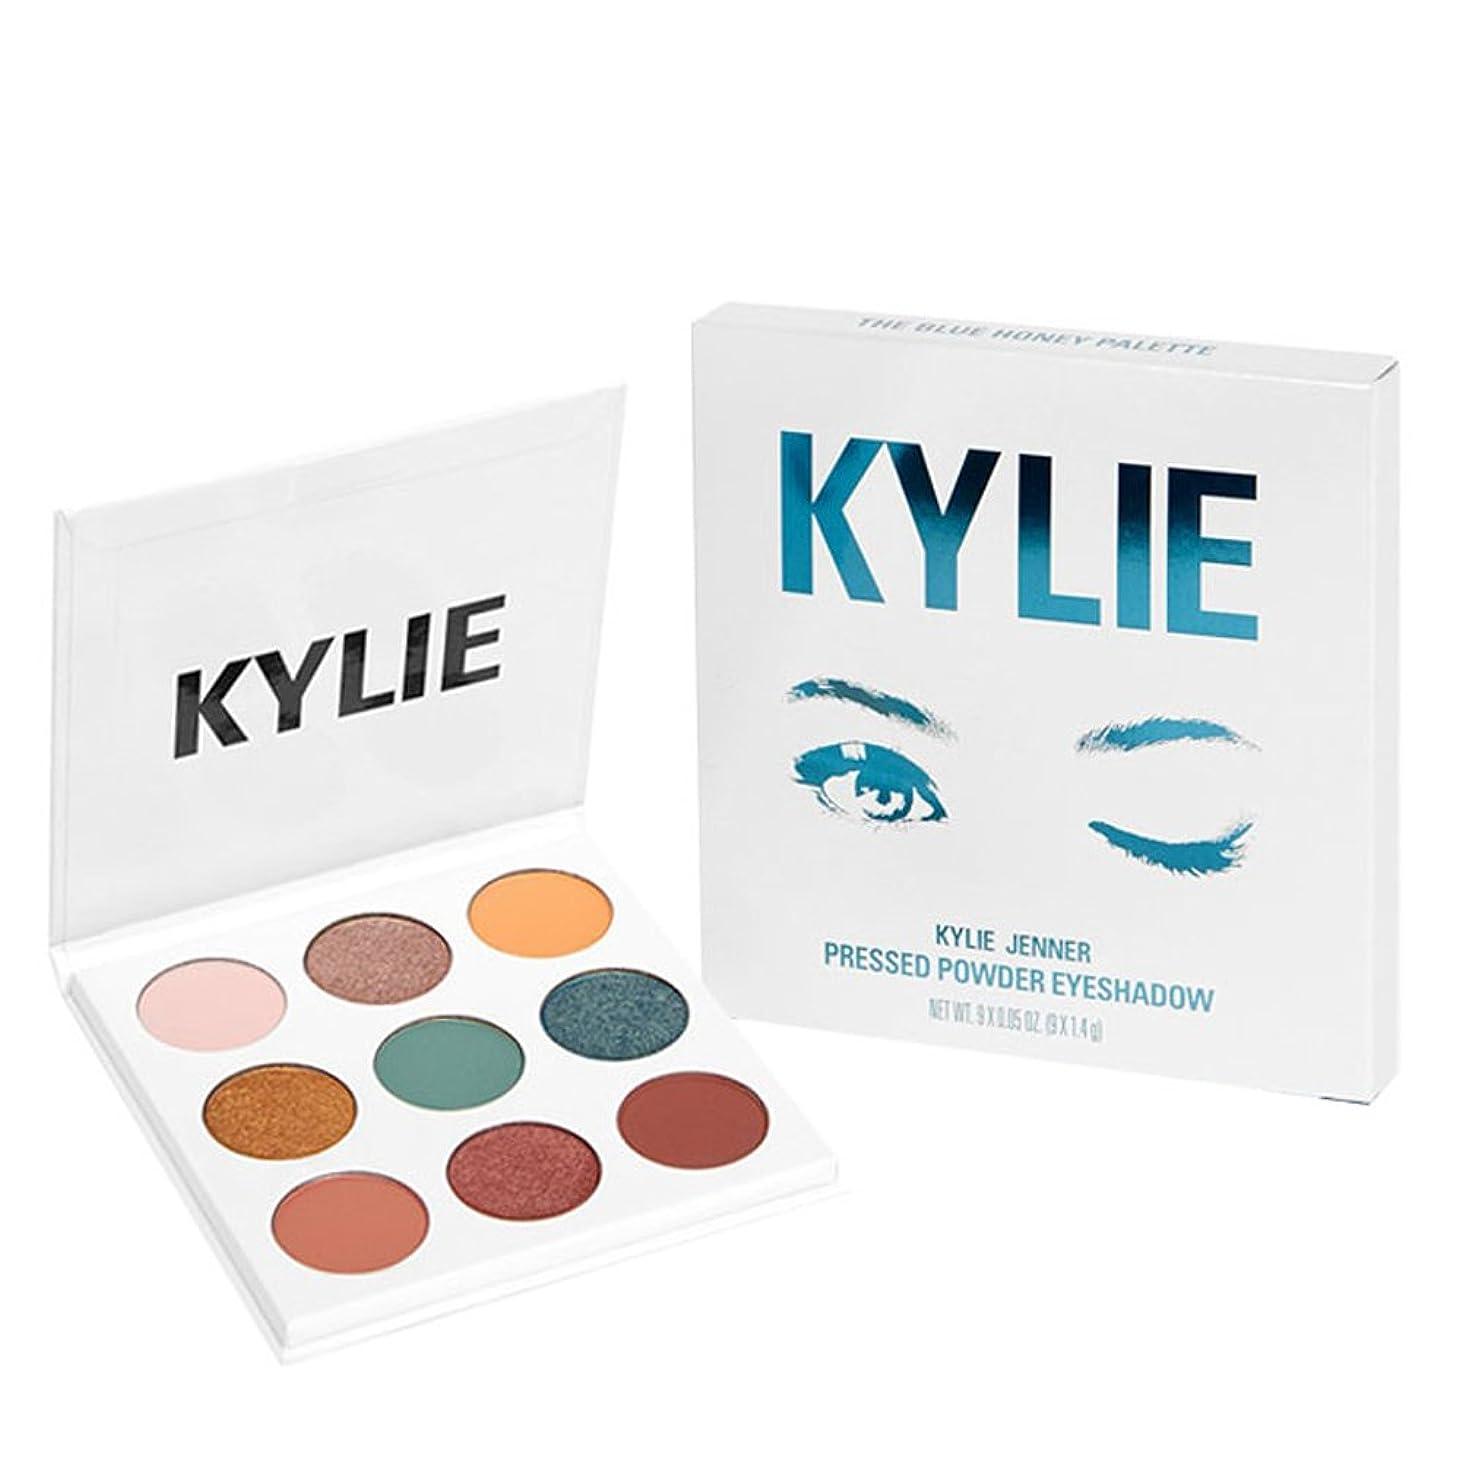 観光宇宙の規制Kylie Cosmetics(カイリーコスメティック)THE BLUE HONEY PALETTE KYSHADOW 新作 9色アイシャドウパレット